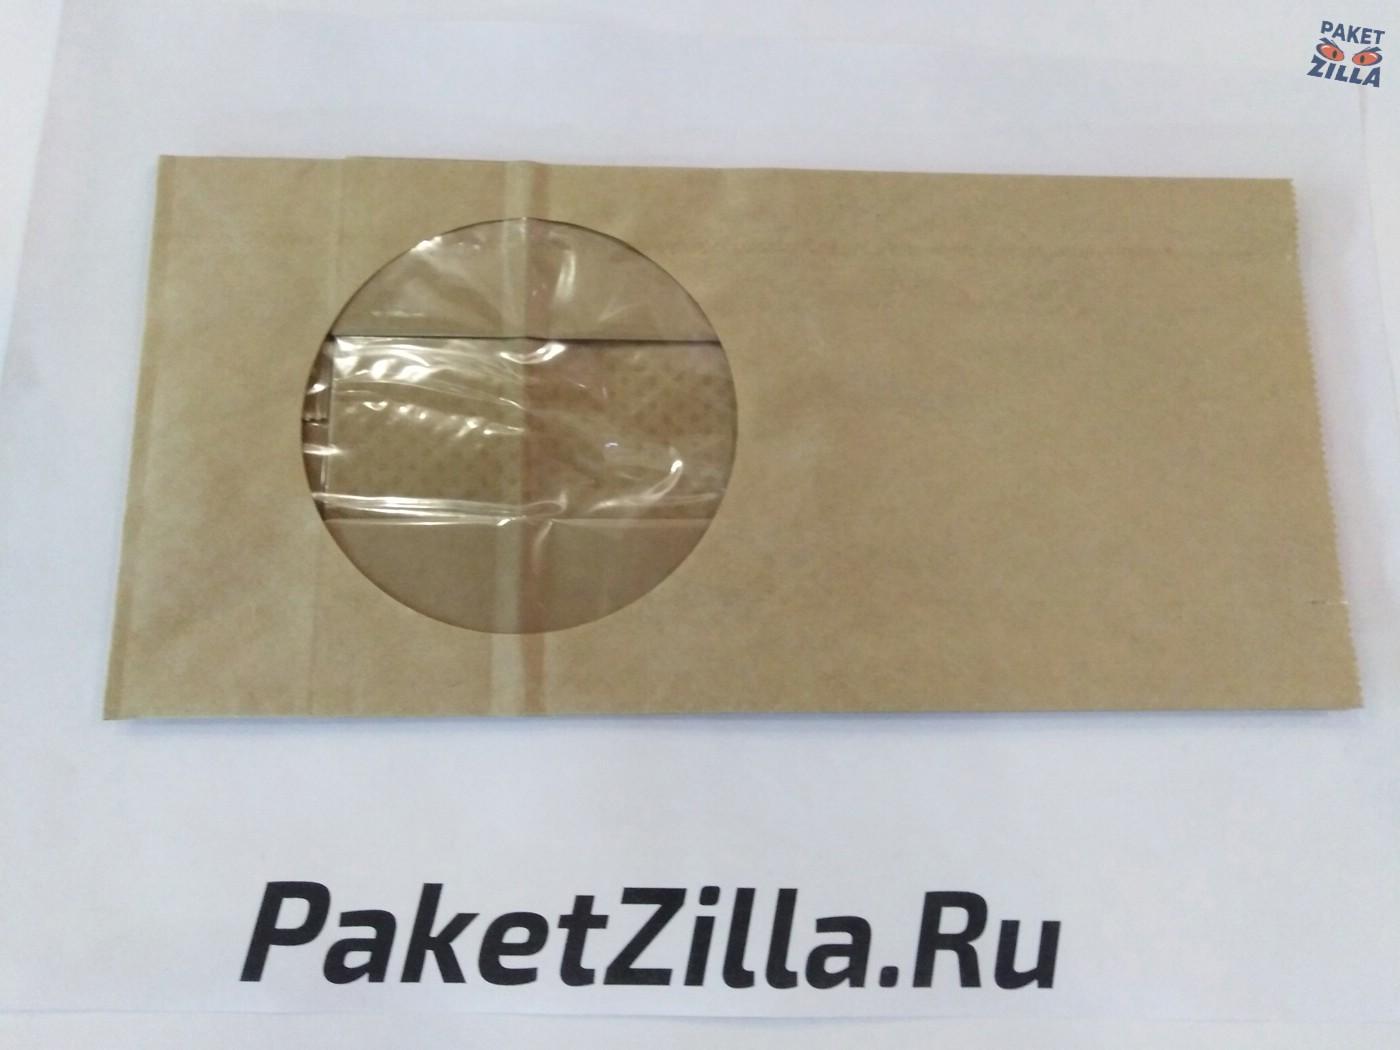 Крафт пакет 250 х 120 х 80 с круглым окном. 2-х слойный. 2.